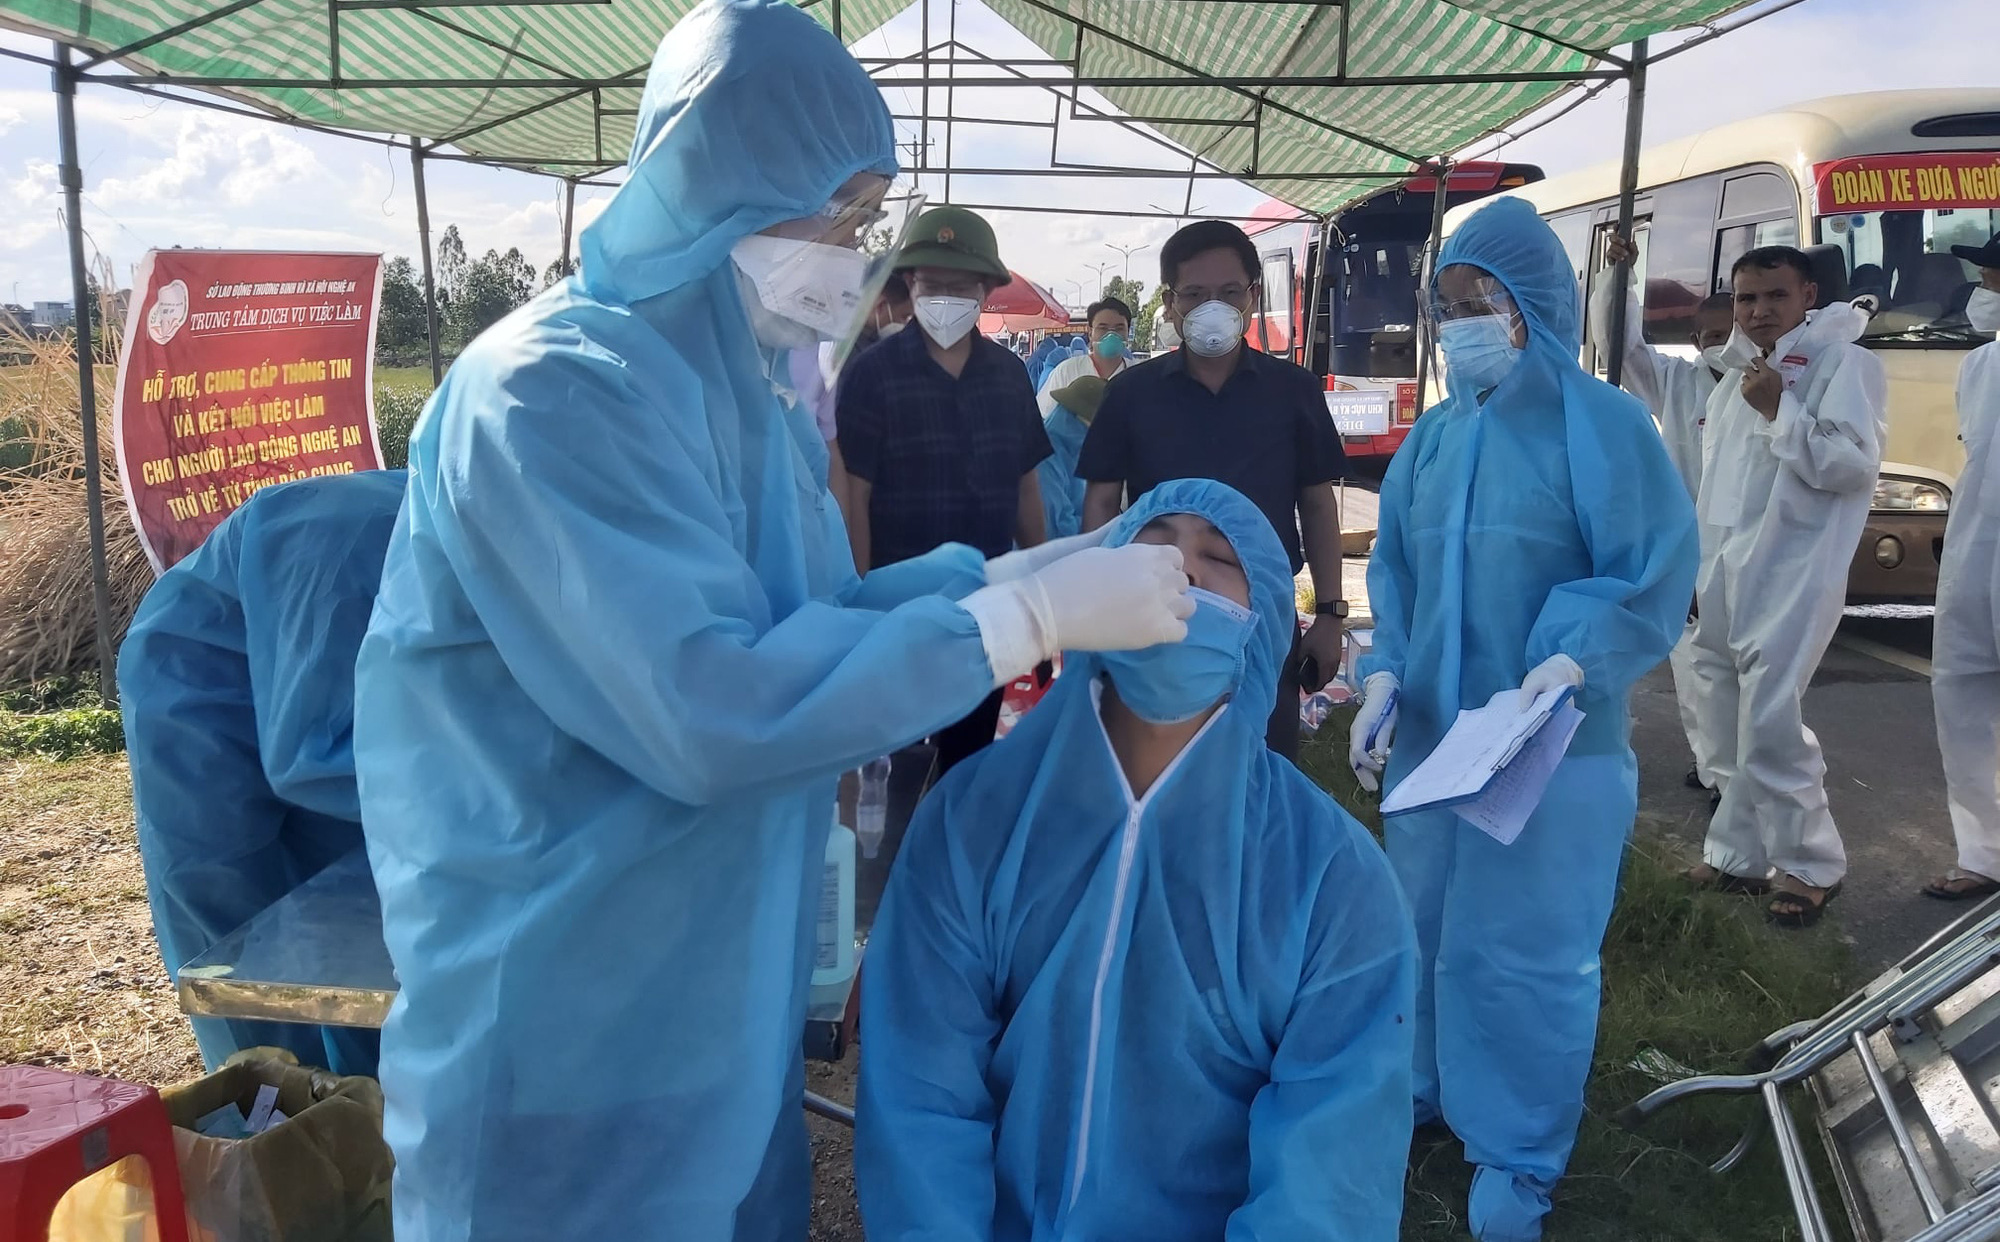 Nghệ An: 6 bệnh nhân mắc Covid-19 chuyển biến nặng, 1 người nguy kịch phải lọc máu liên tục